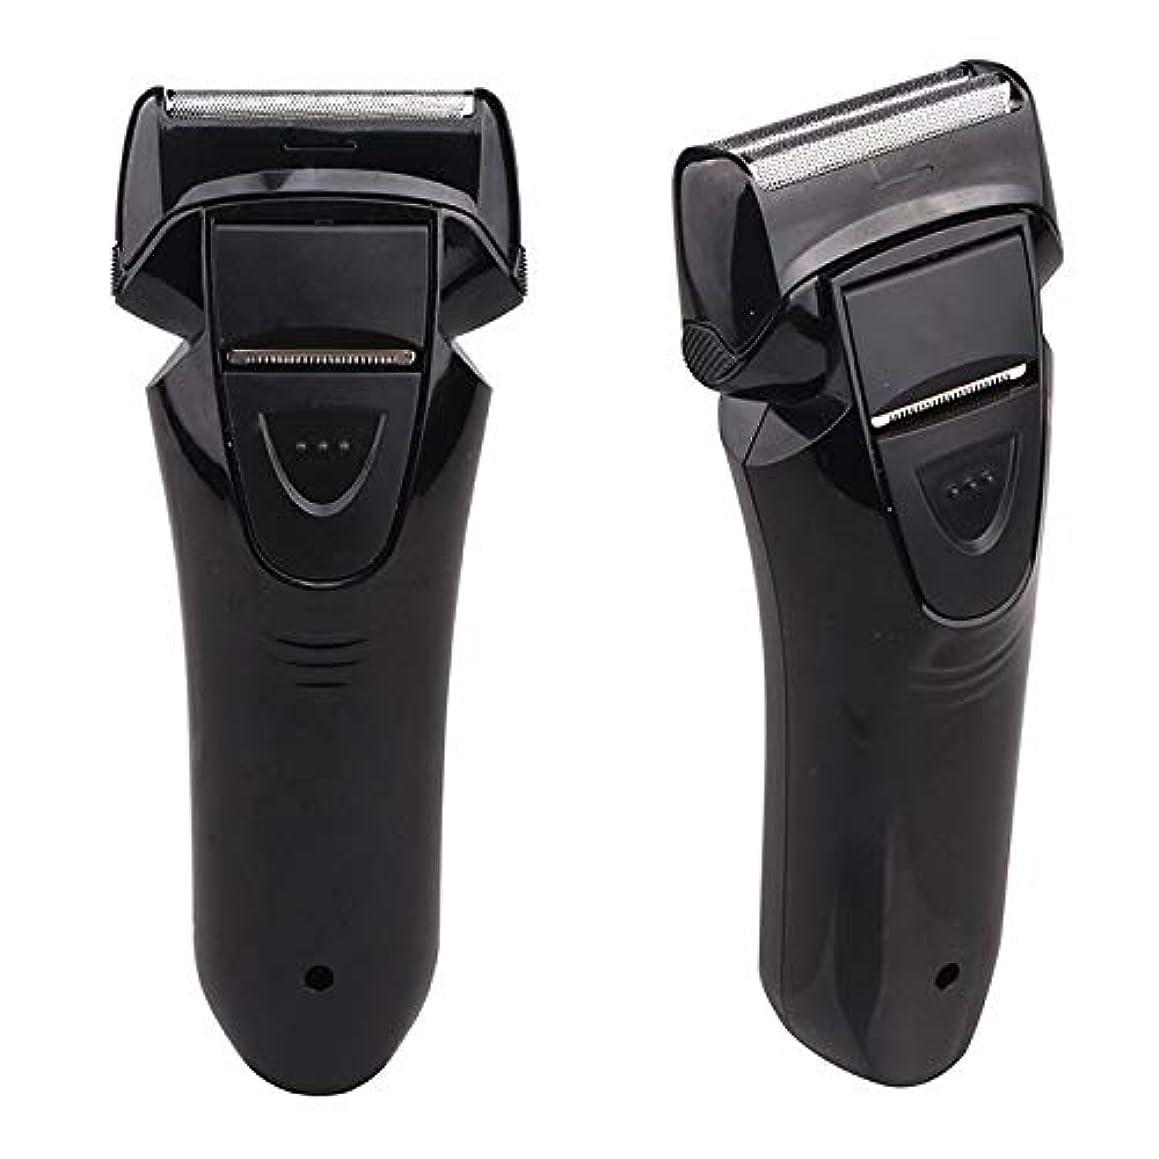 最近モーション対応メンズシェーバー Vegetable(ベジタブル) アダプター&USB充電式2枚刃シェーバー GD-S206